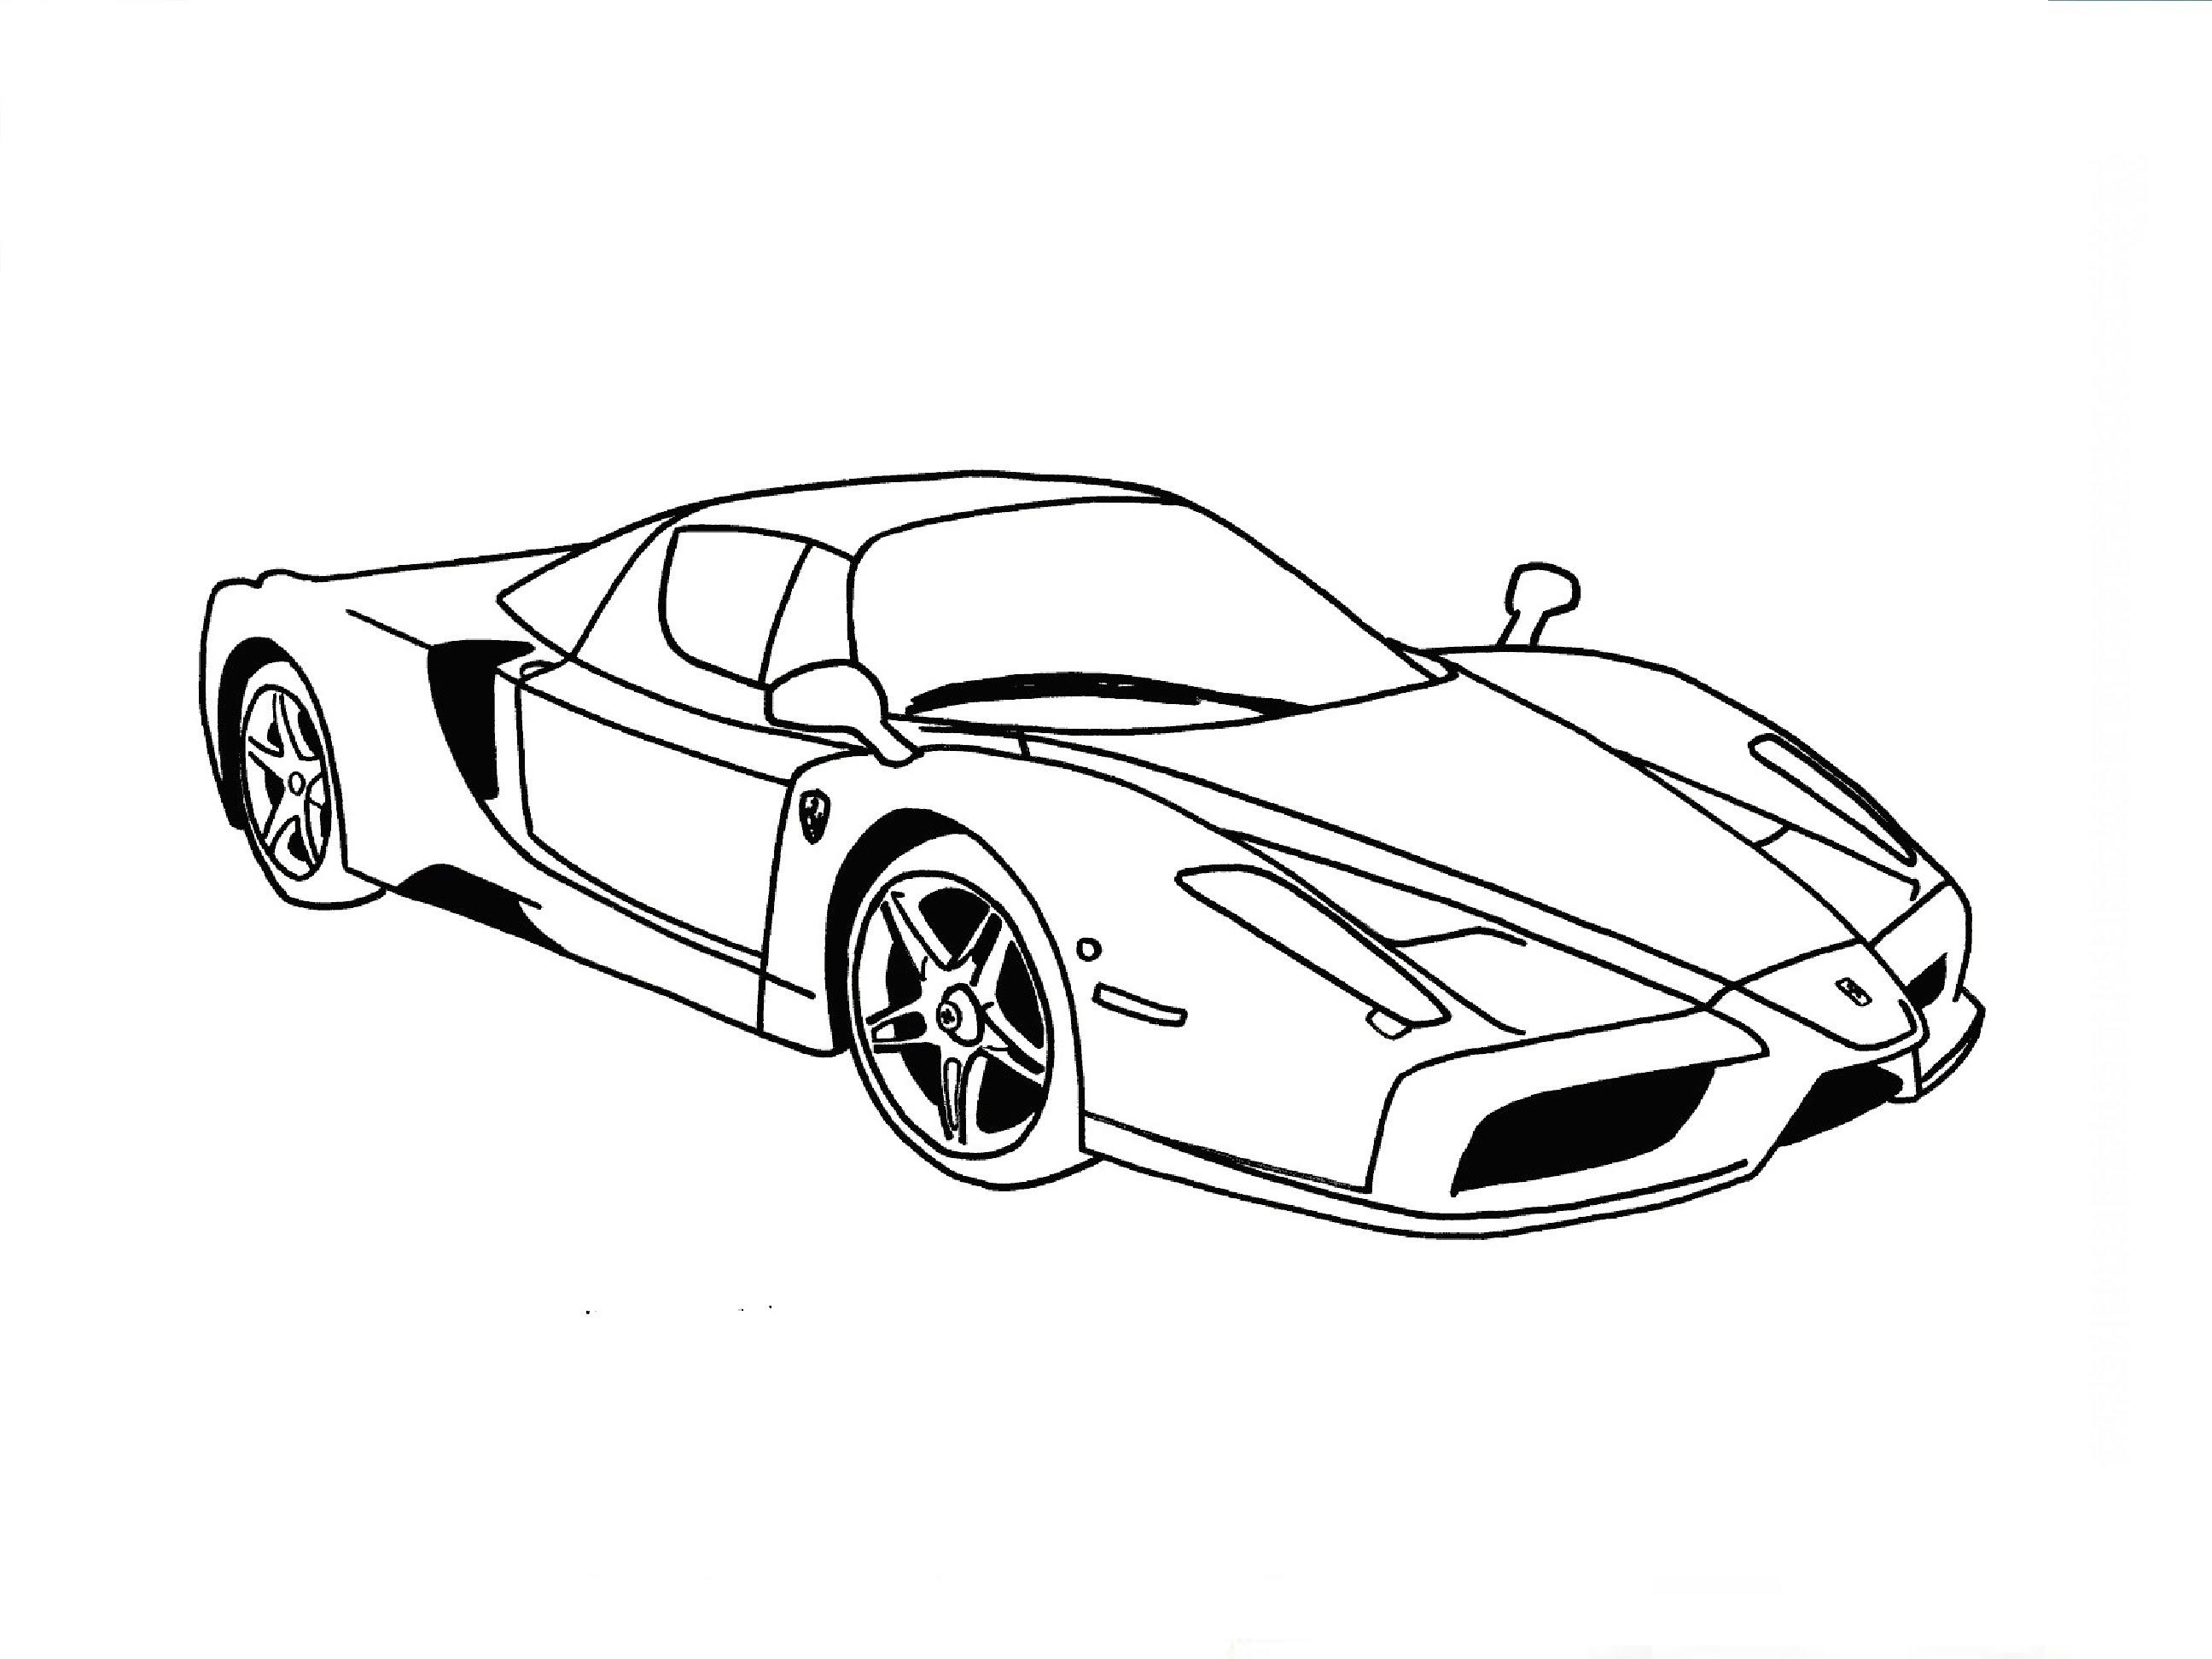 2592x1944 Drawn Ferarri Easy